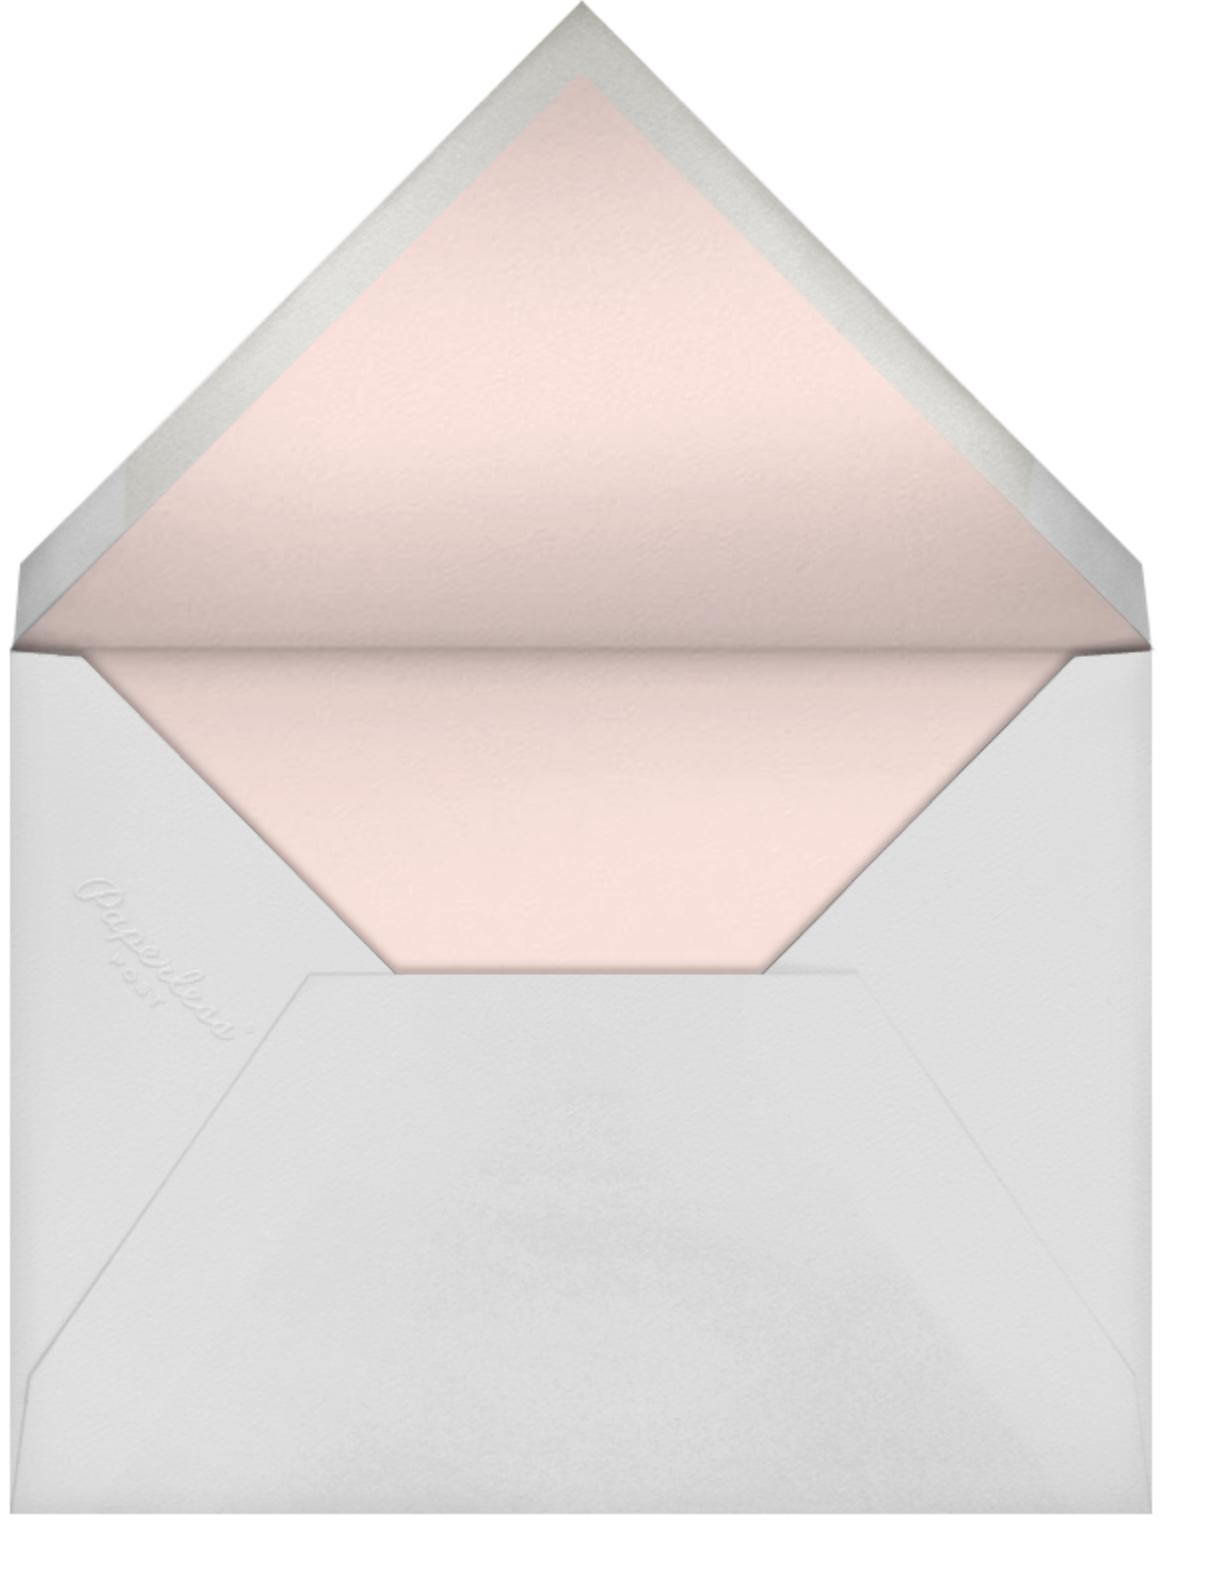 Blossoms on Tulle I - Pink - Oscar de la Renta - Envelope